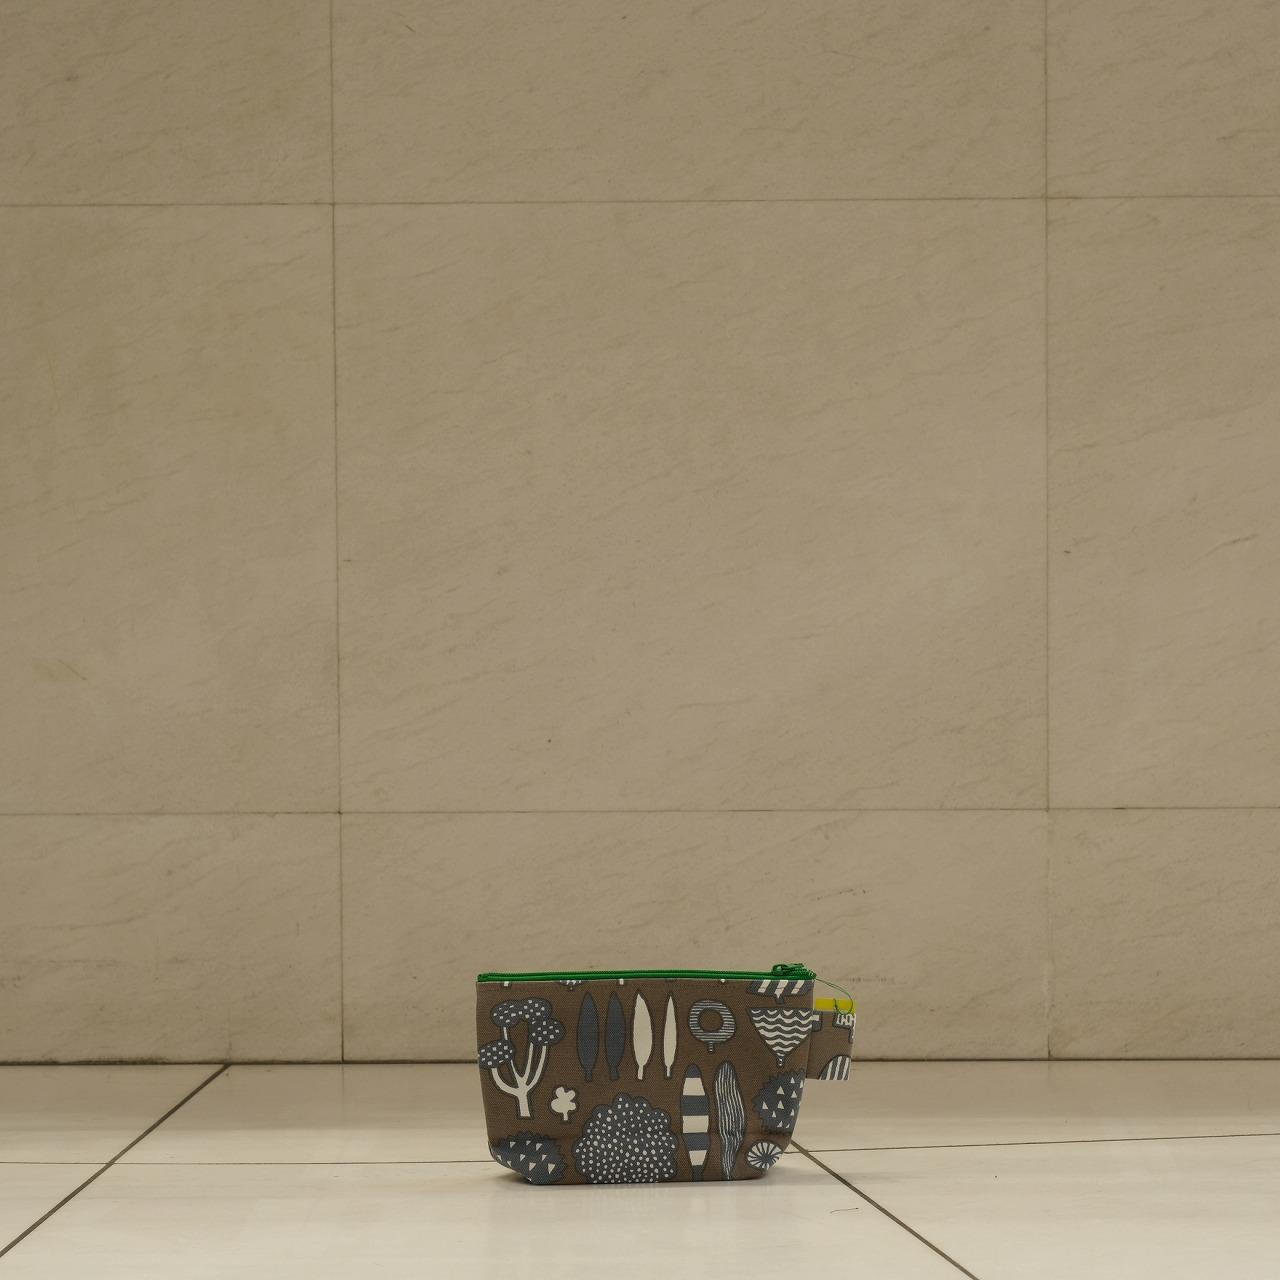 炭酸デザイン室 オンライン展示会 マチポーチM_d0182409_16534258.jpg